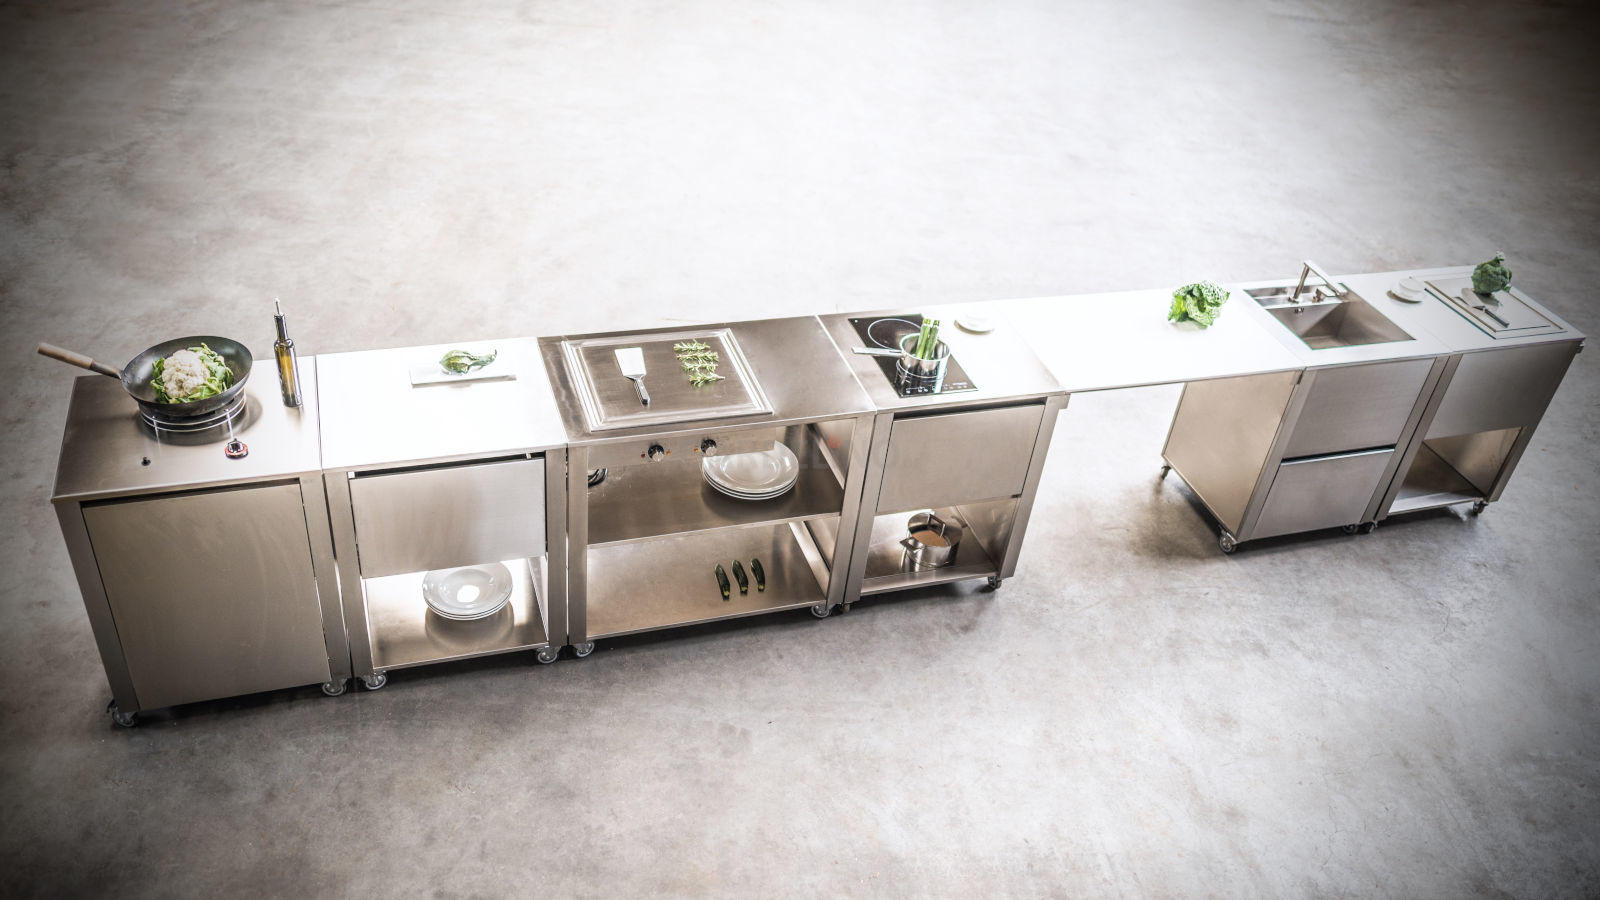 Outdoorküche Garten Kaufen : Mobile outdoorküchen für garten und terrasse